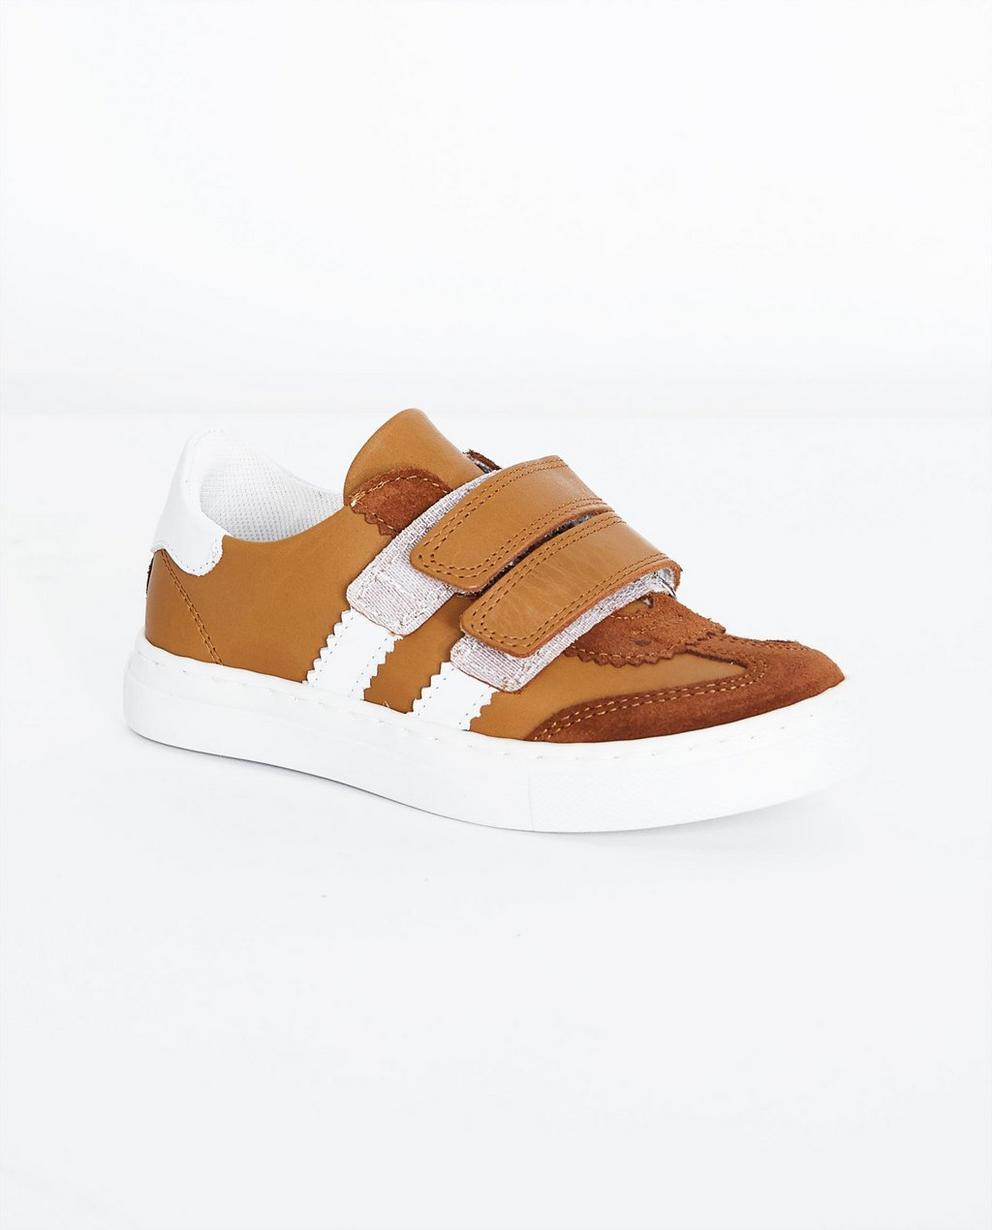 Camelfarbene Sneakers - aus Leder, Größe 27-32 - JBC